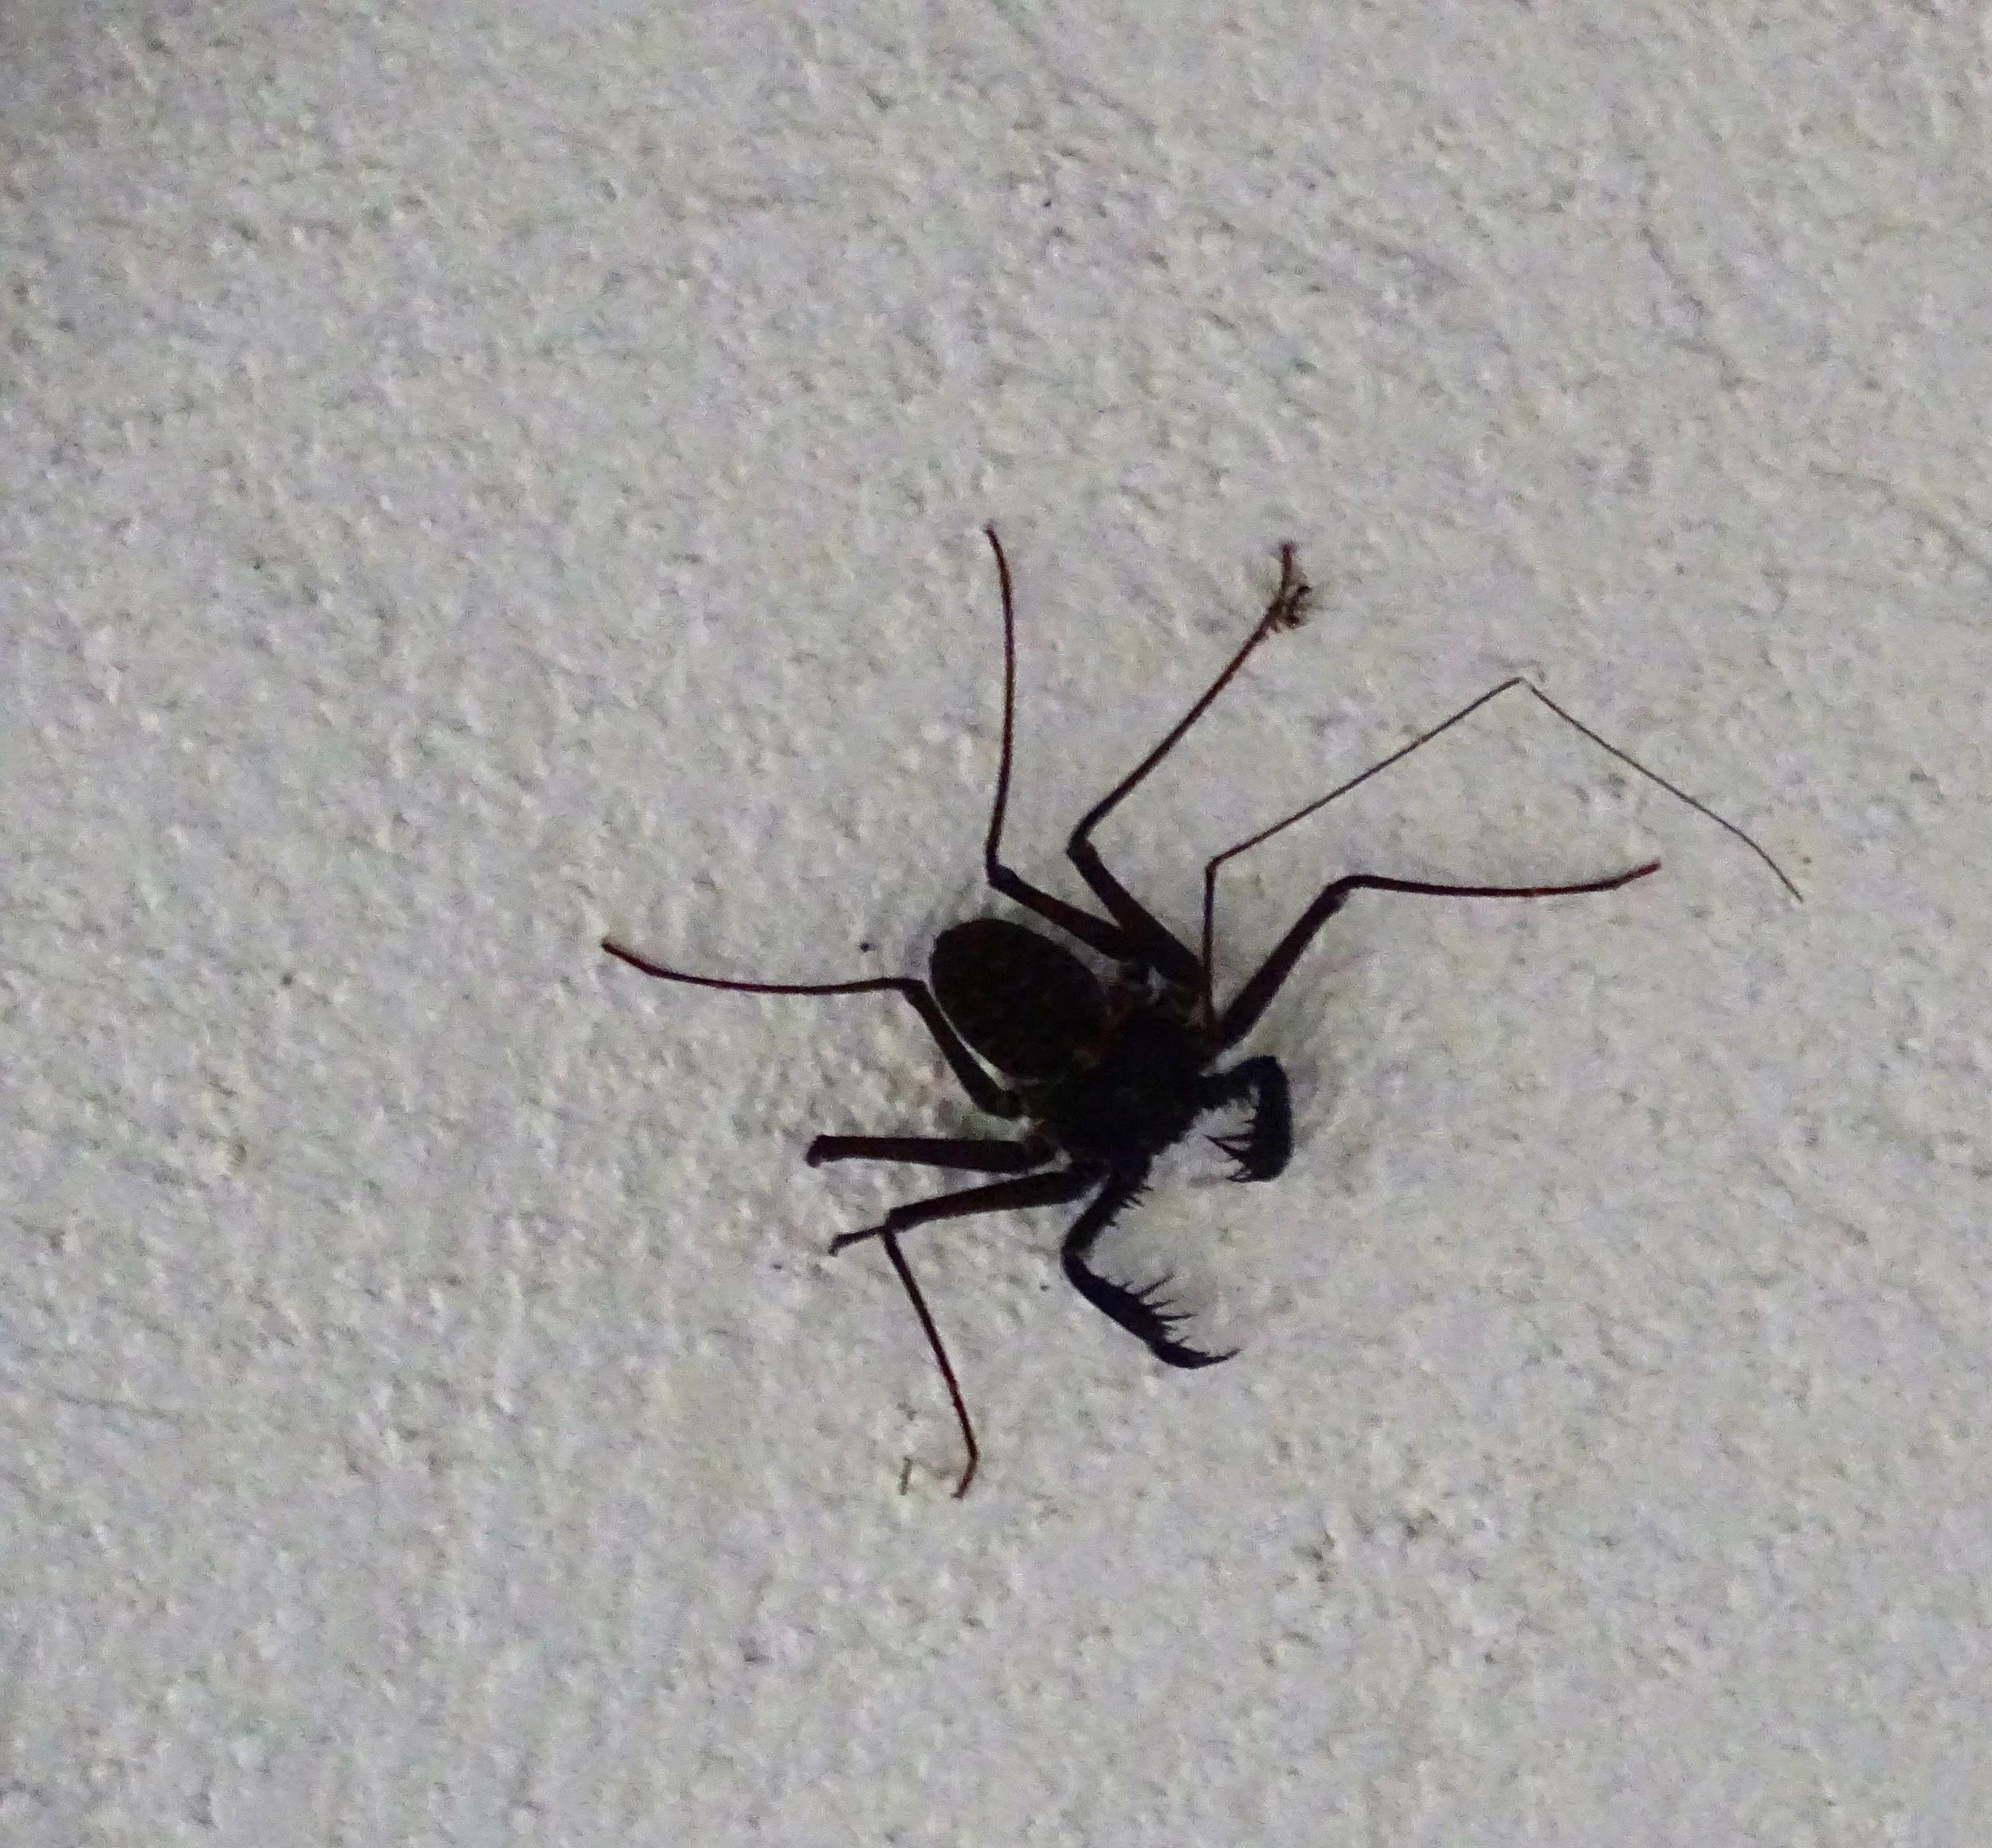 Interesting spider.